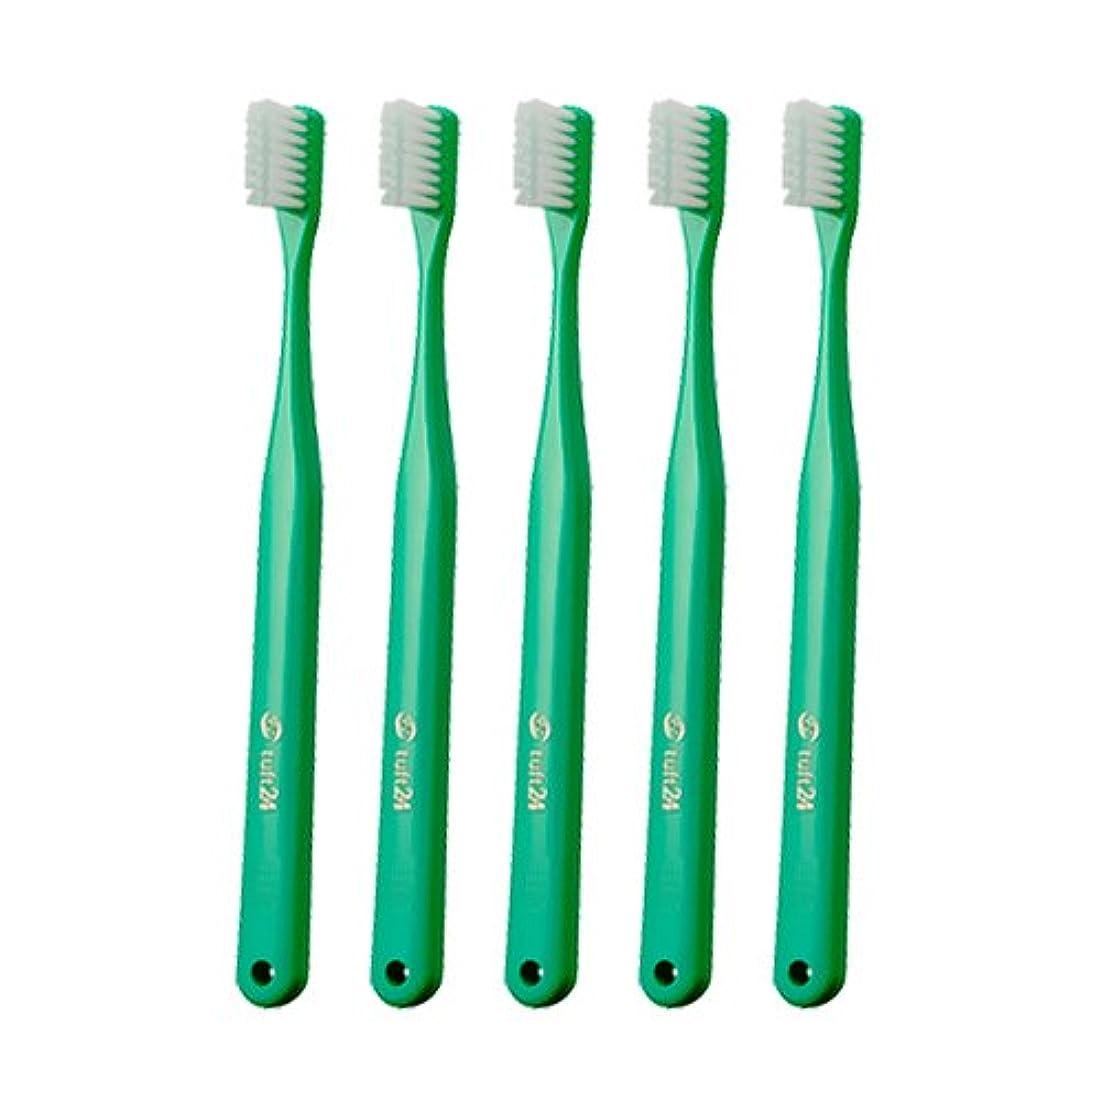 効果メロディアススペースキャップなし タフト24 歯ブラシ × 25本入 M グリーン